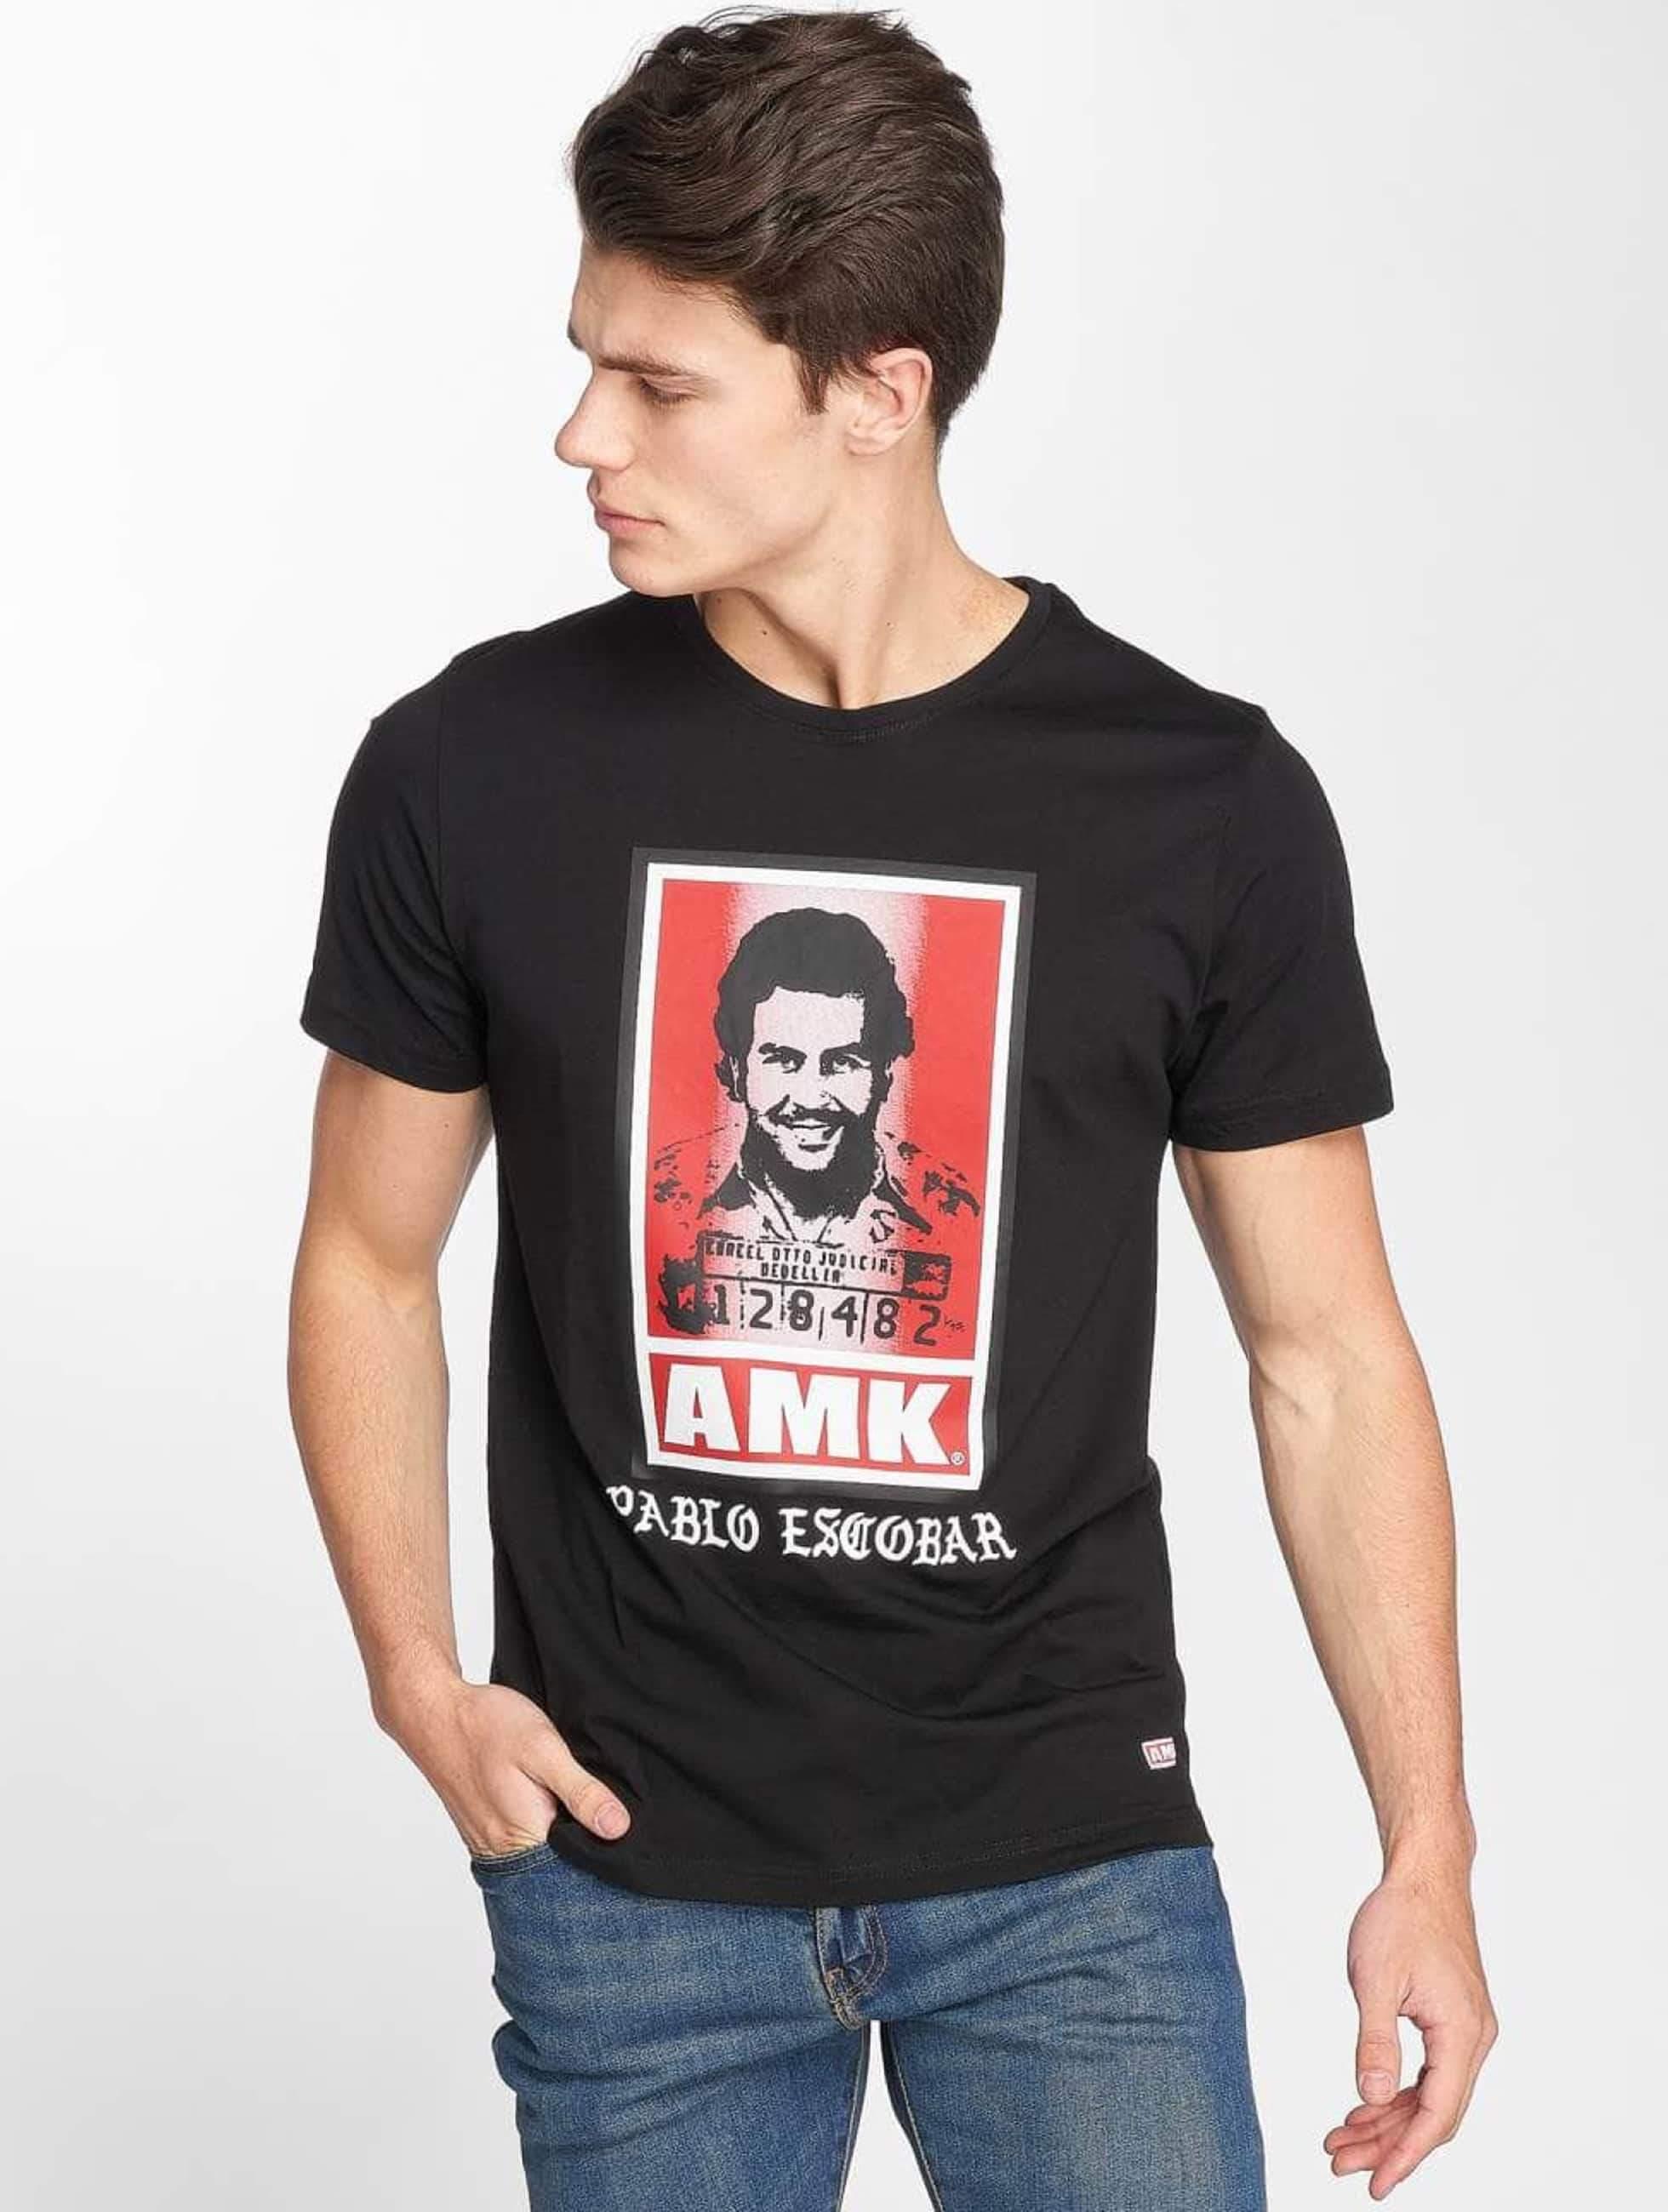 AMK | Pablo Escobar noir Homme T-Shirt